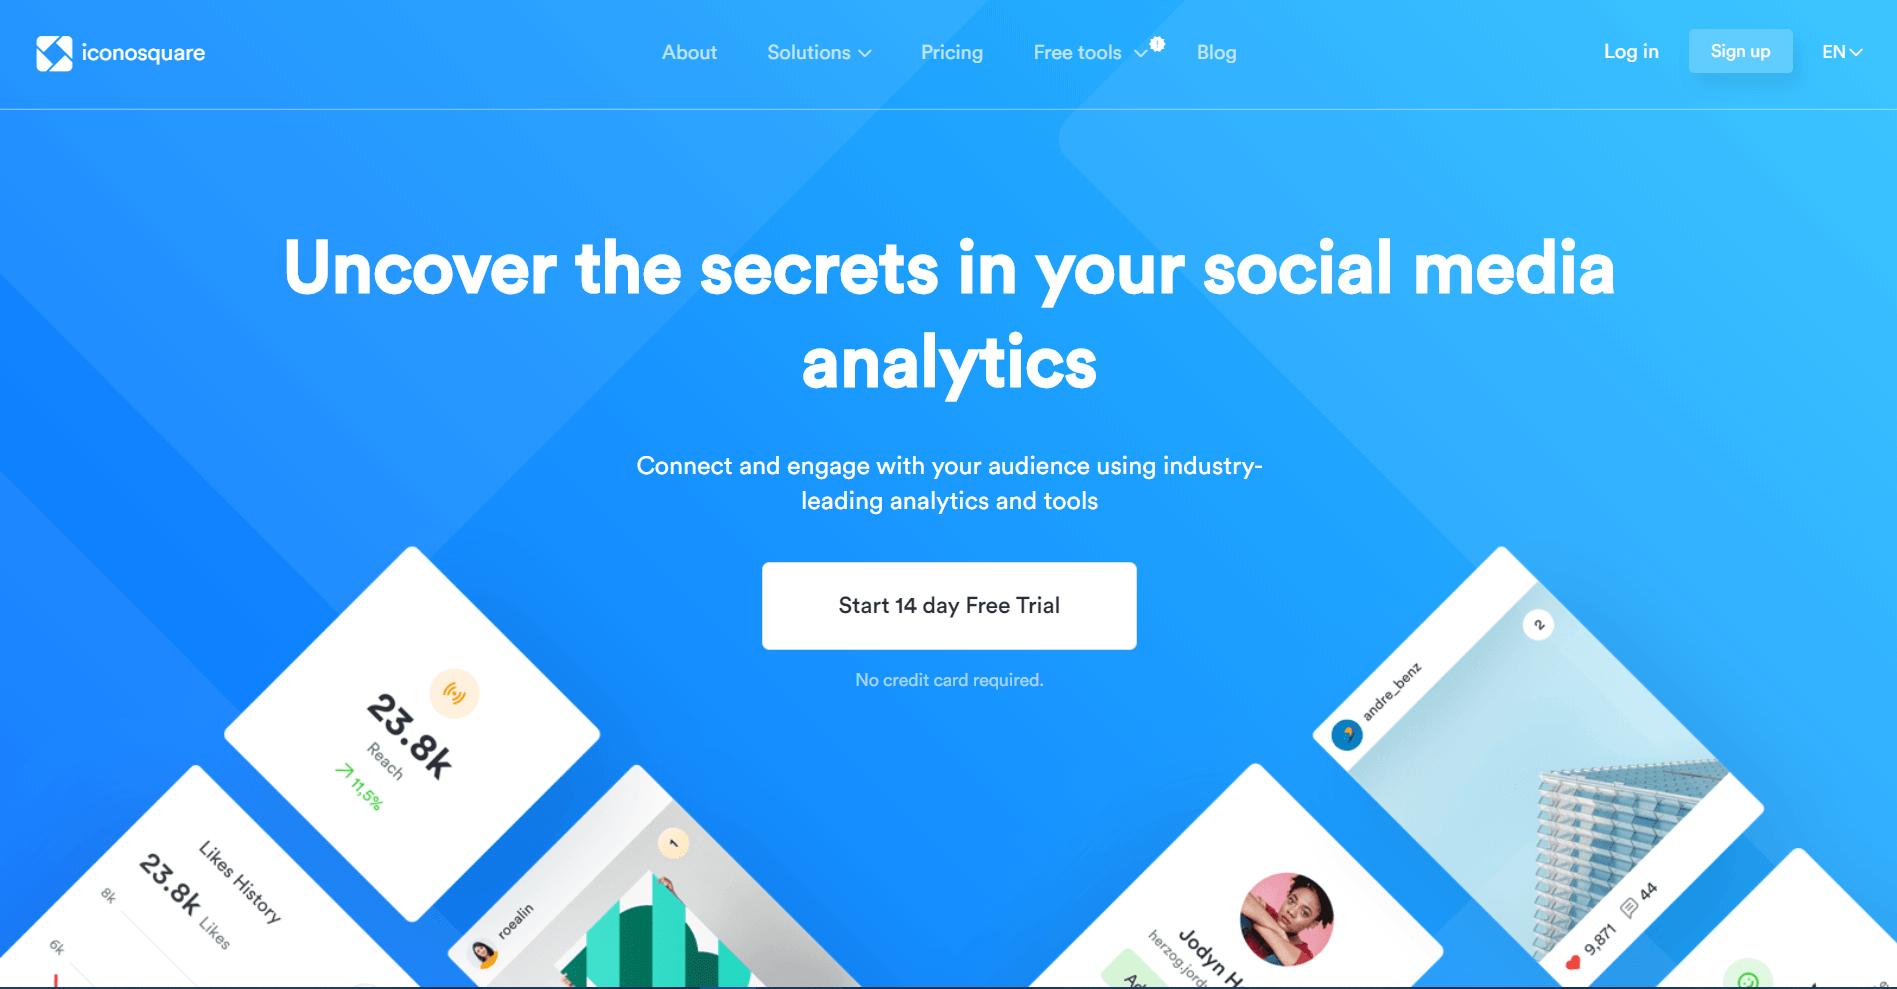 iconosquare Instagram Analytics Tools